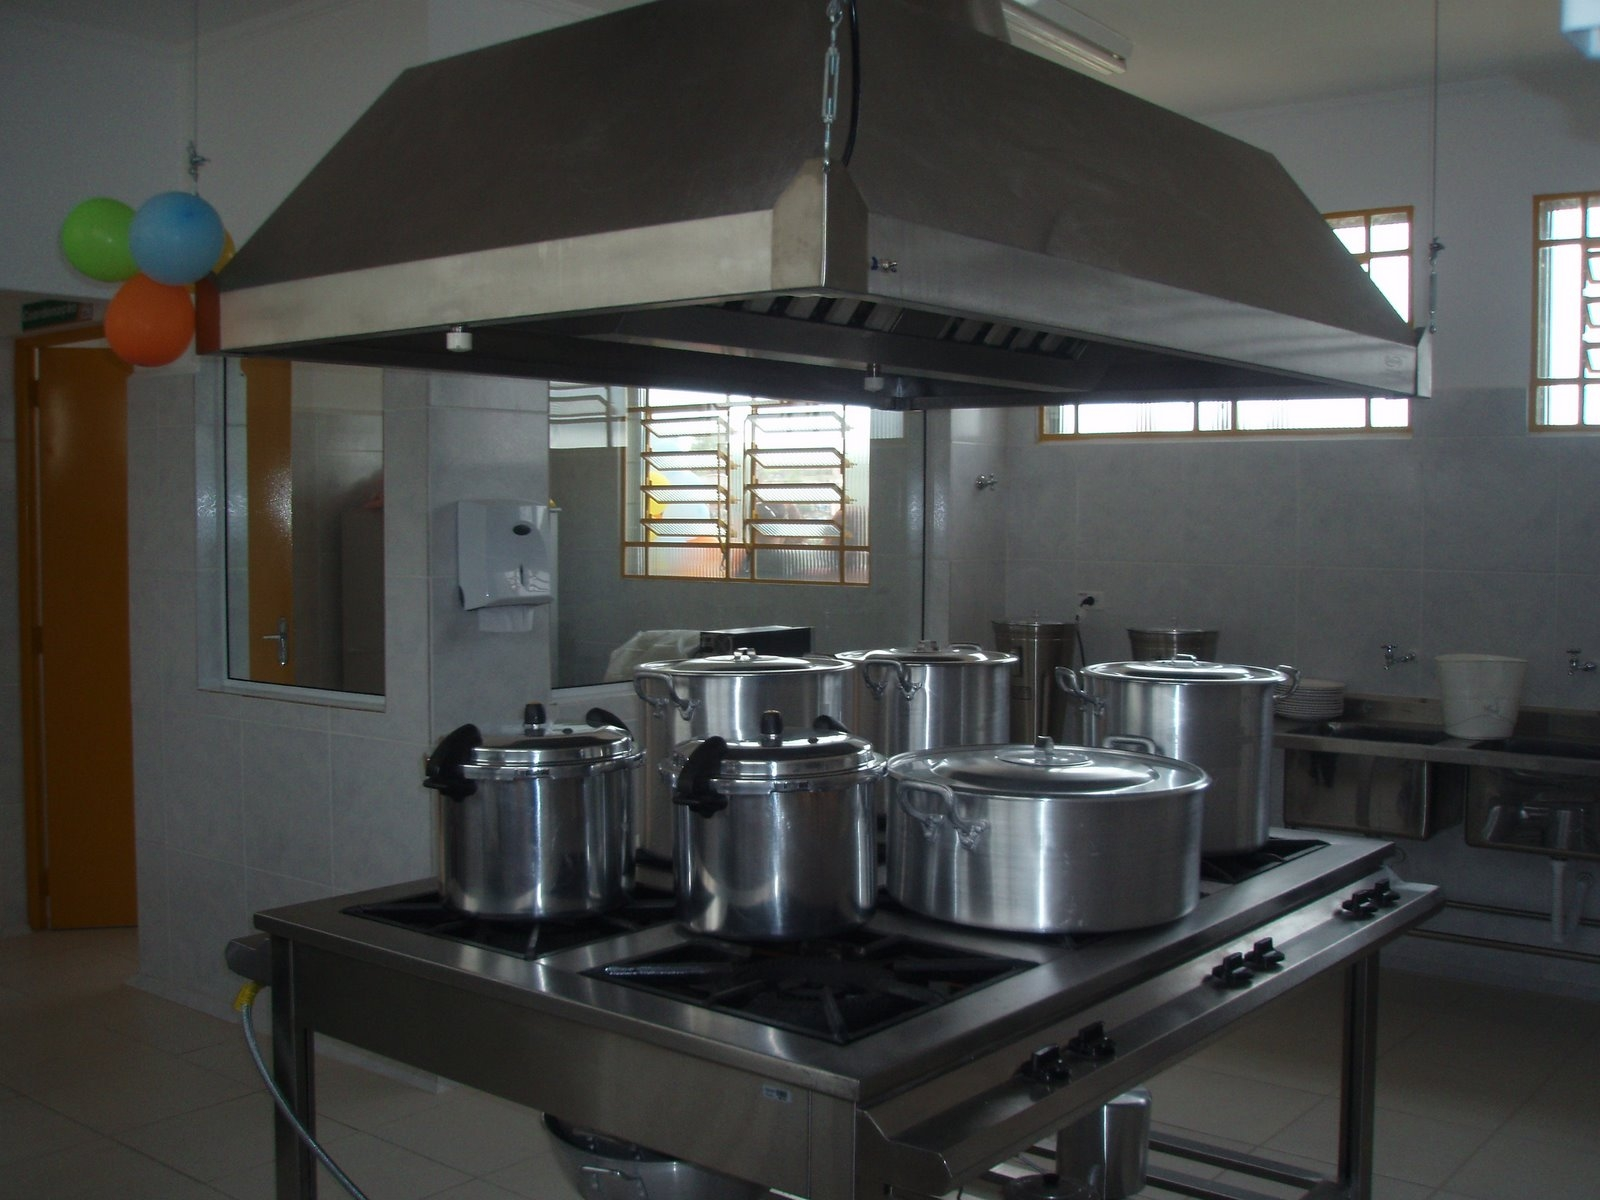 #623C27 para usuários cadastrados na Cozinha Comunitária. O projeto  1600x1200 px Projeto Cozinha Comunitária Governo Federal_4147 Imagens